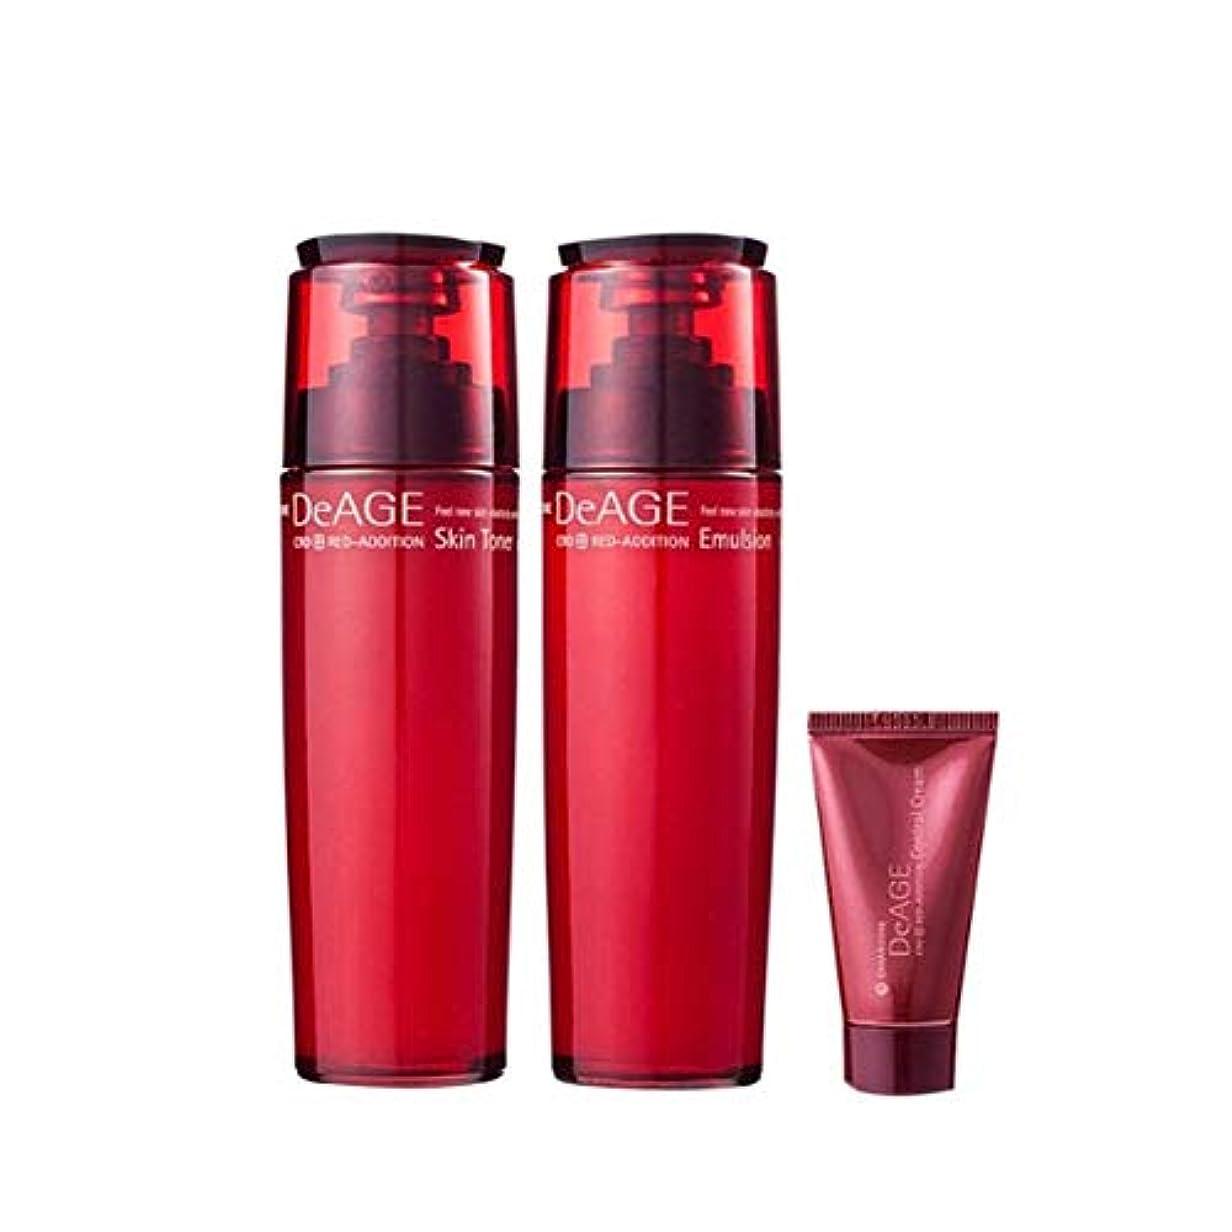 一族要件タオルチャムジョンディエイジレッドエディションセット(スキントナー130ml、エマルジョン130ml、コントロールクリーム15ml)、Charmzone DeAGE Red Addition Set(Skin Toner 130ml...